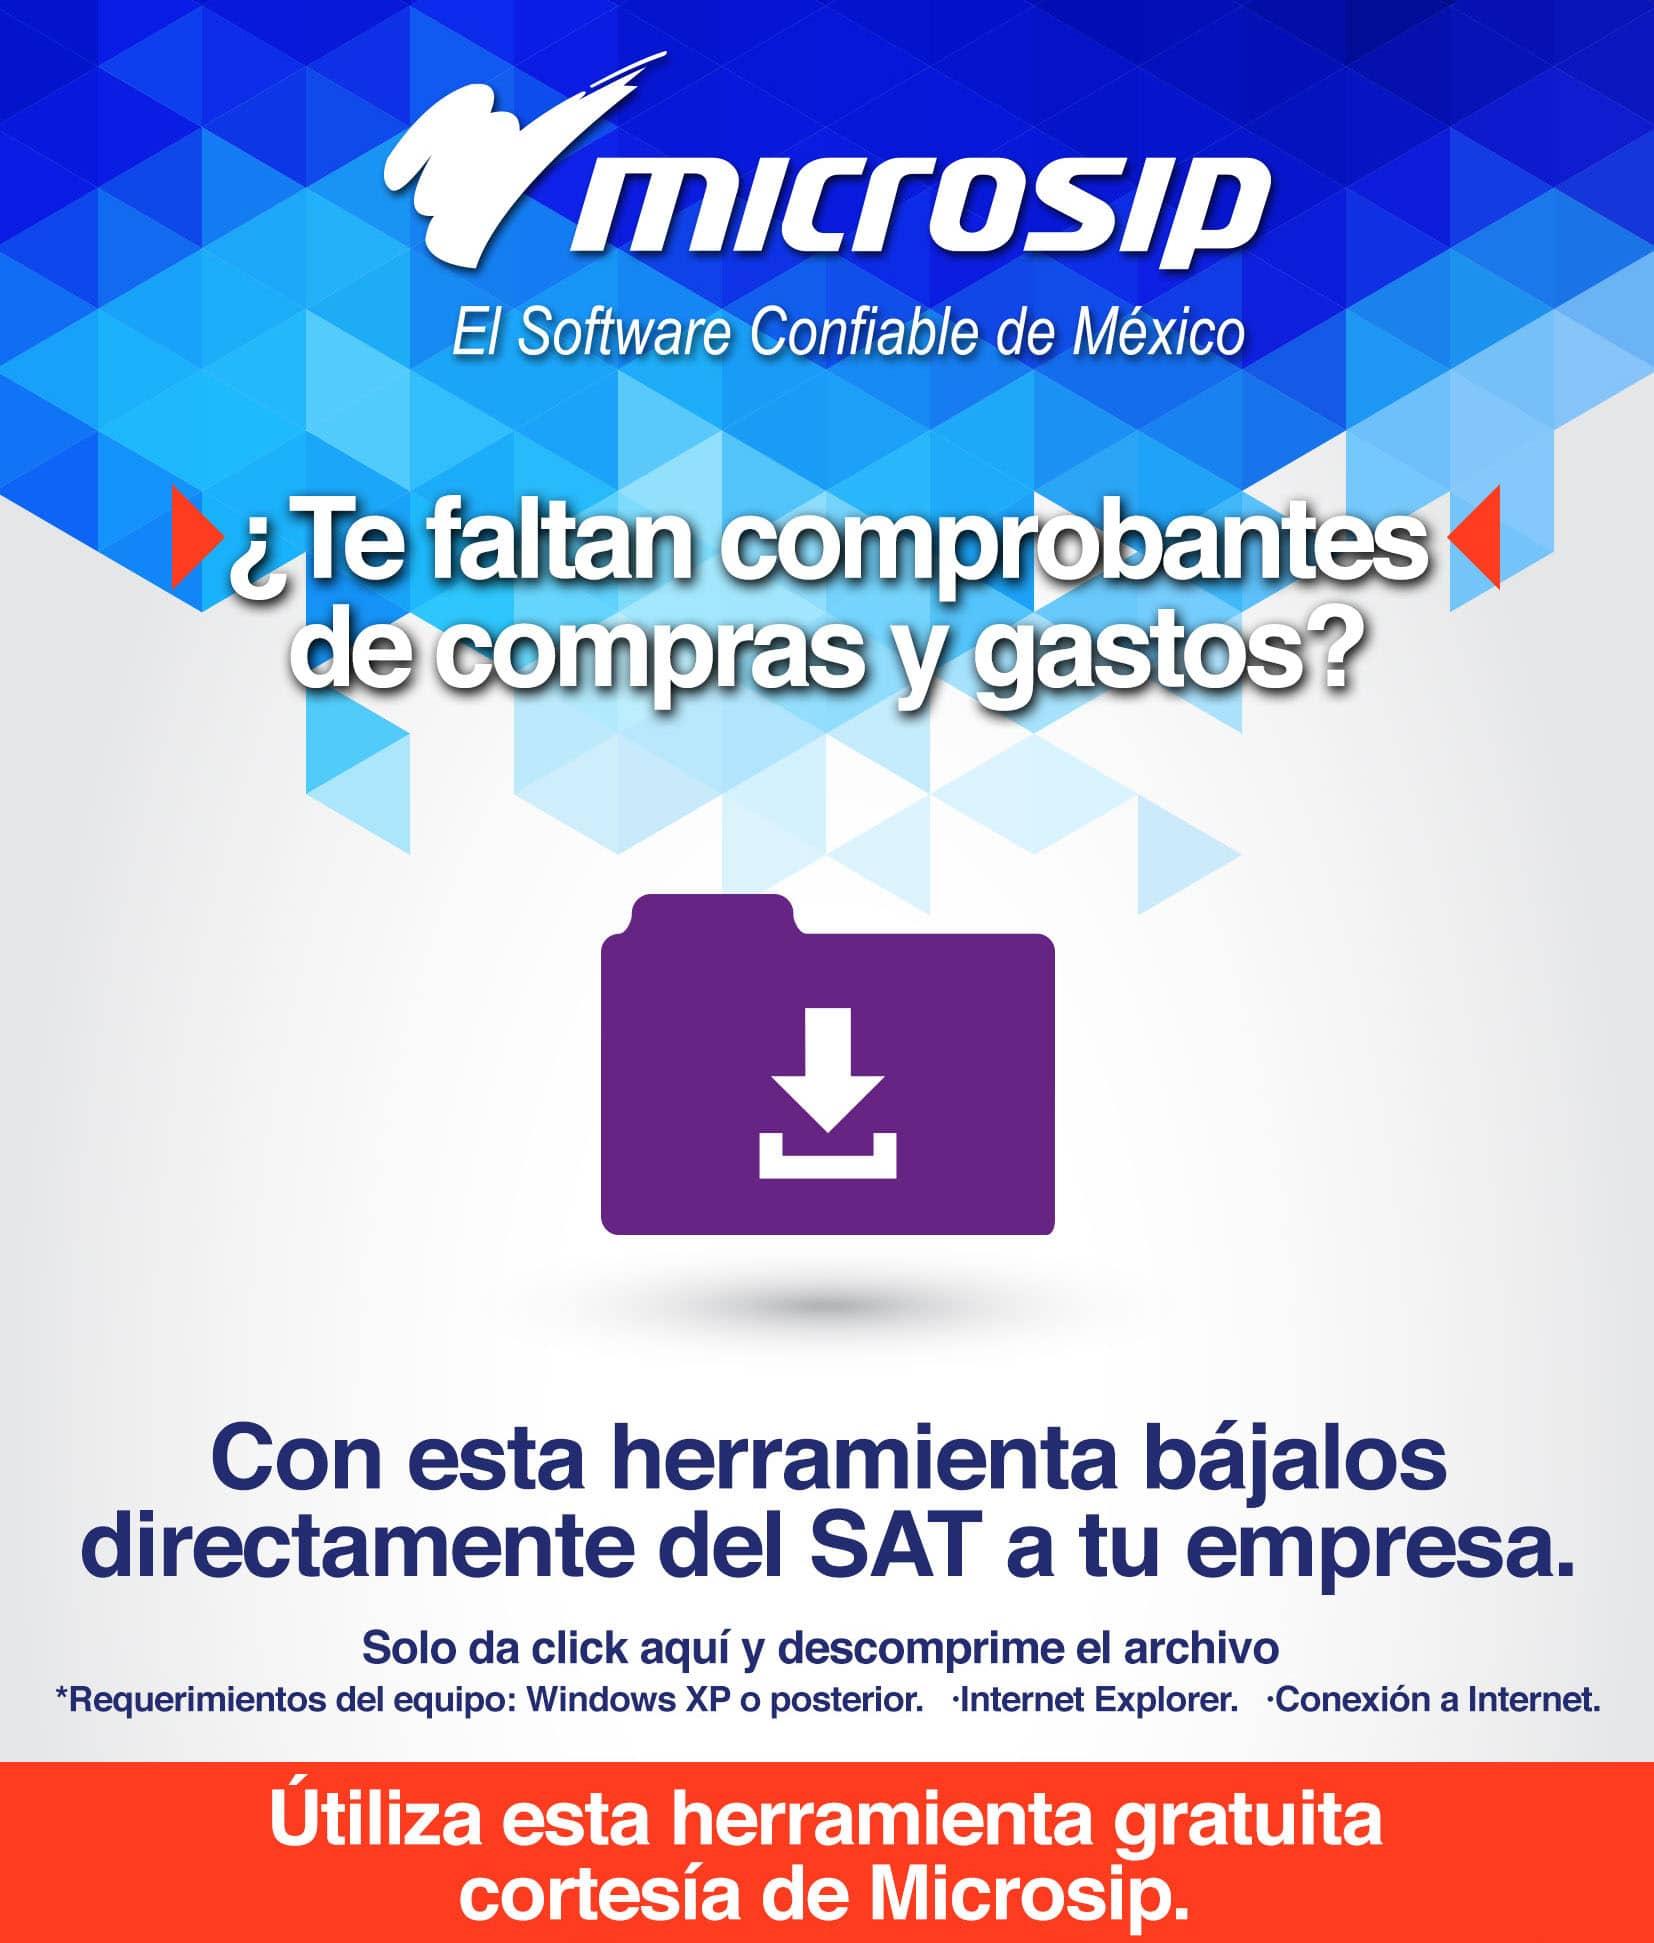 Herramienta gratuita de descarga CFDI Tecfull Microsip